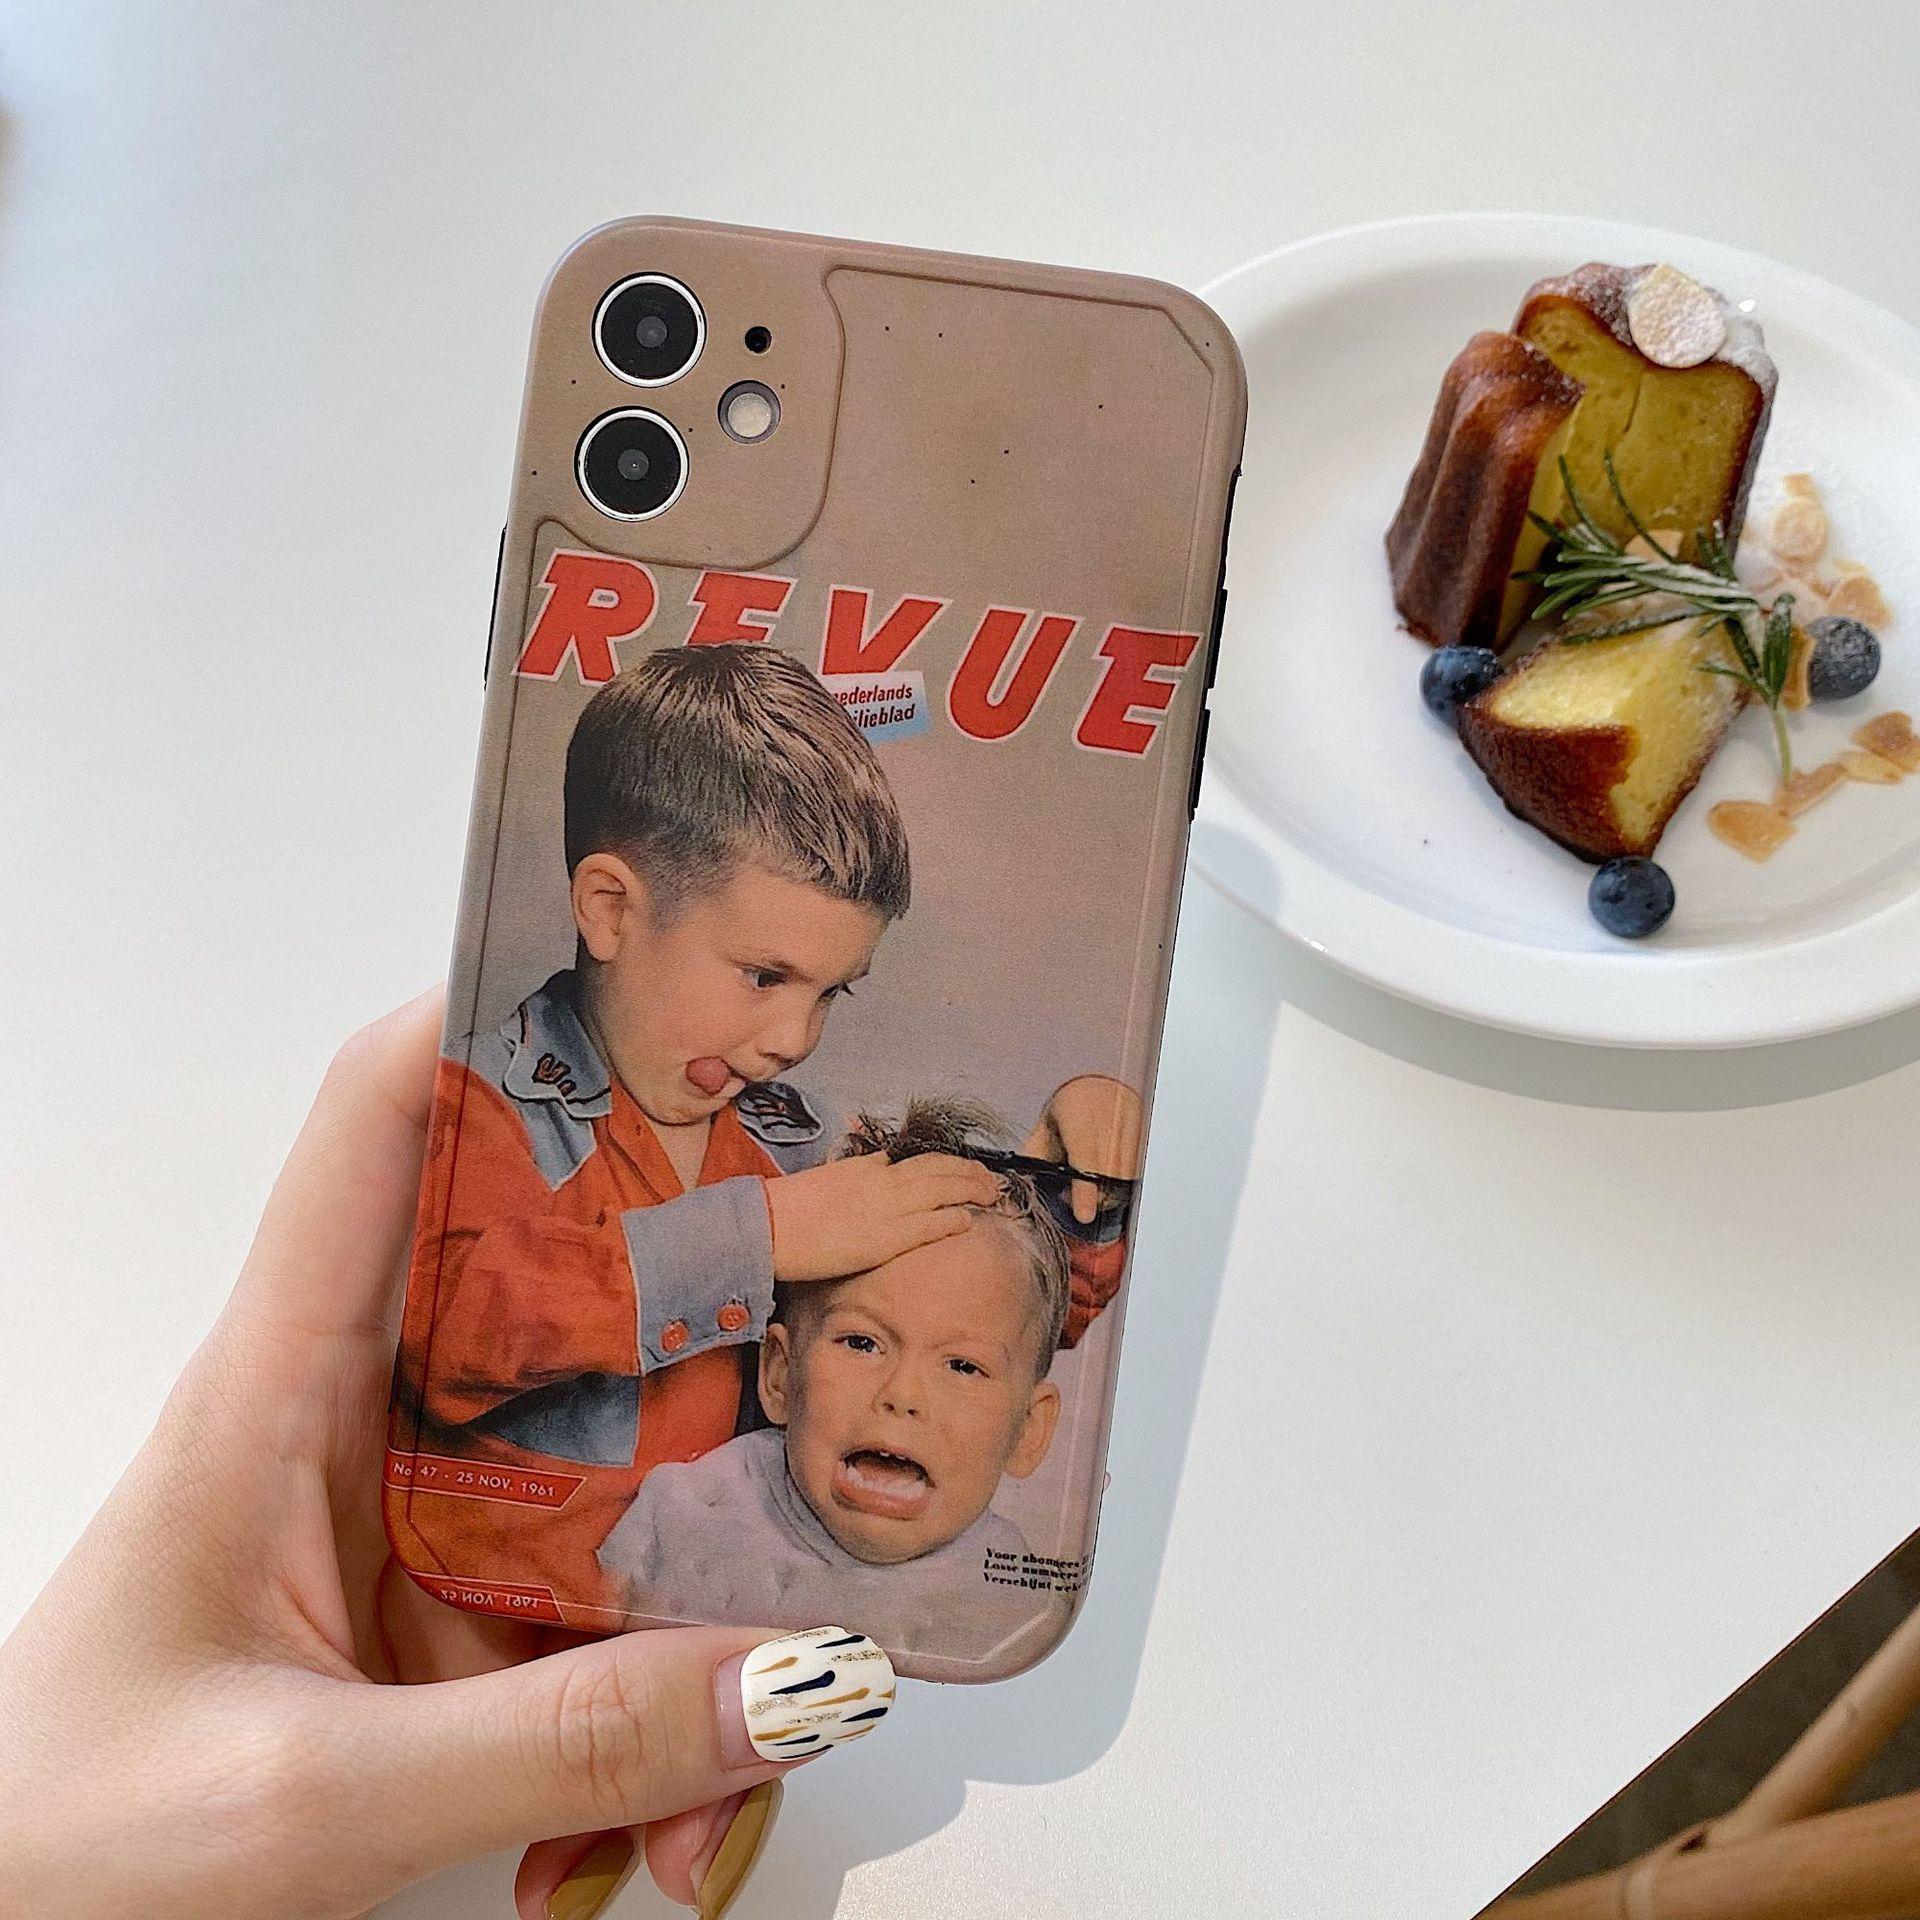 Custodia per celluli carino per iPhone 12 mini 11 pro max x xr xs max se 2020 copertina posteriore divertente custodie morbide del fumetto